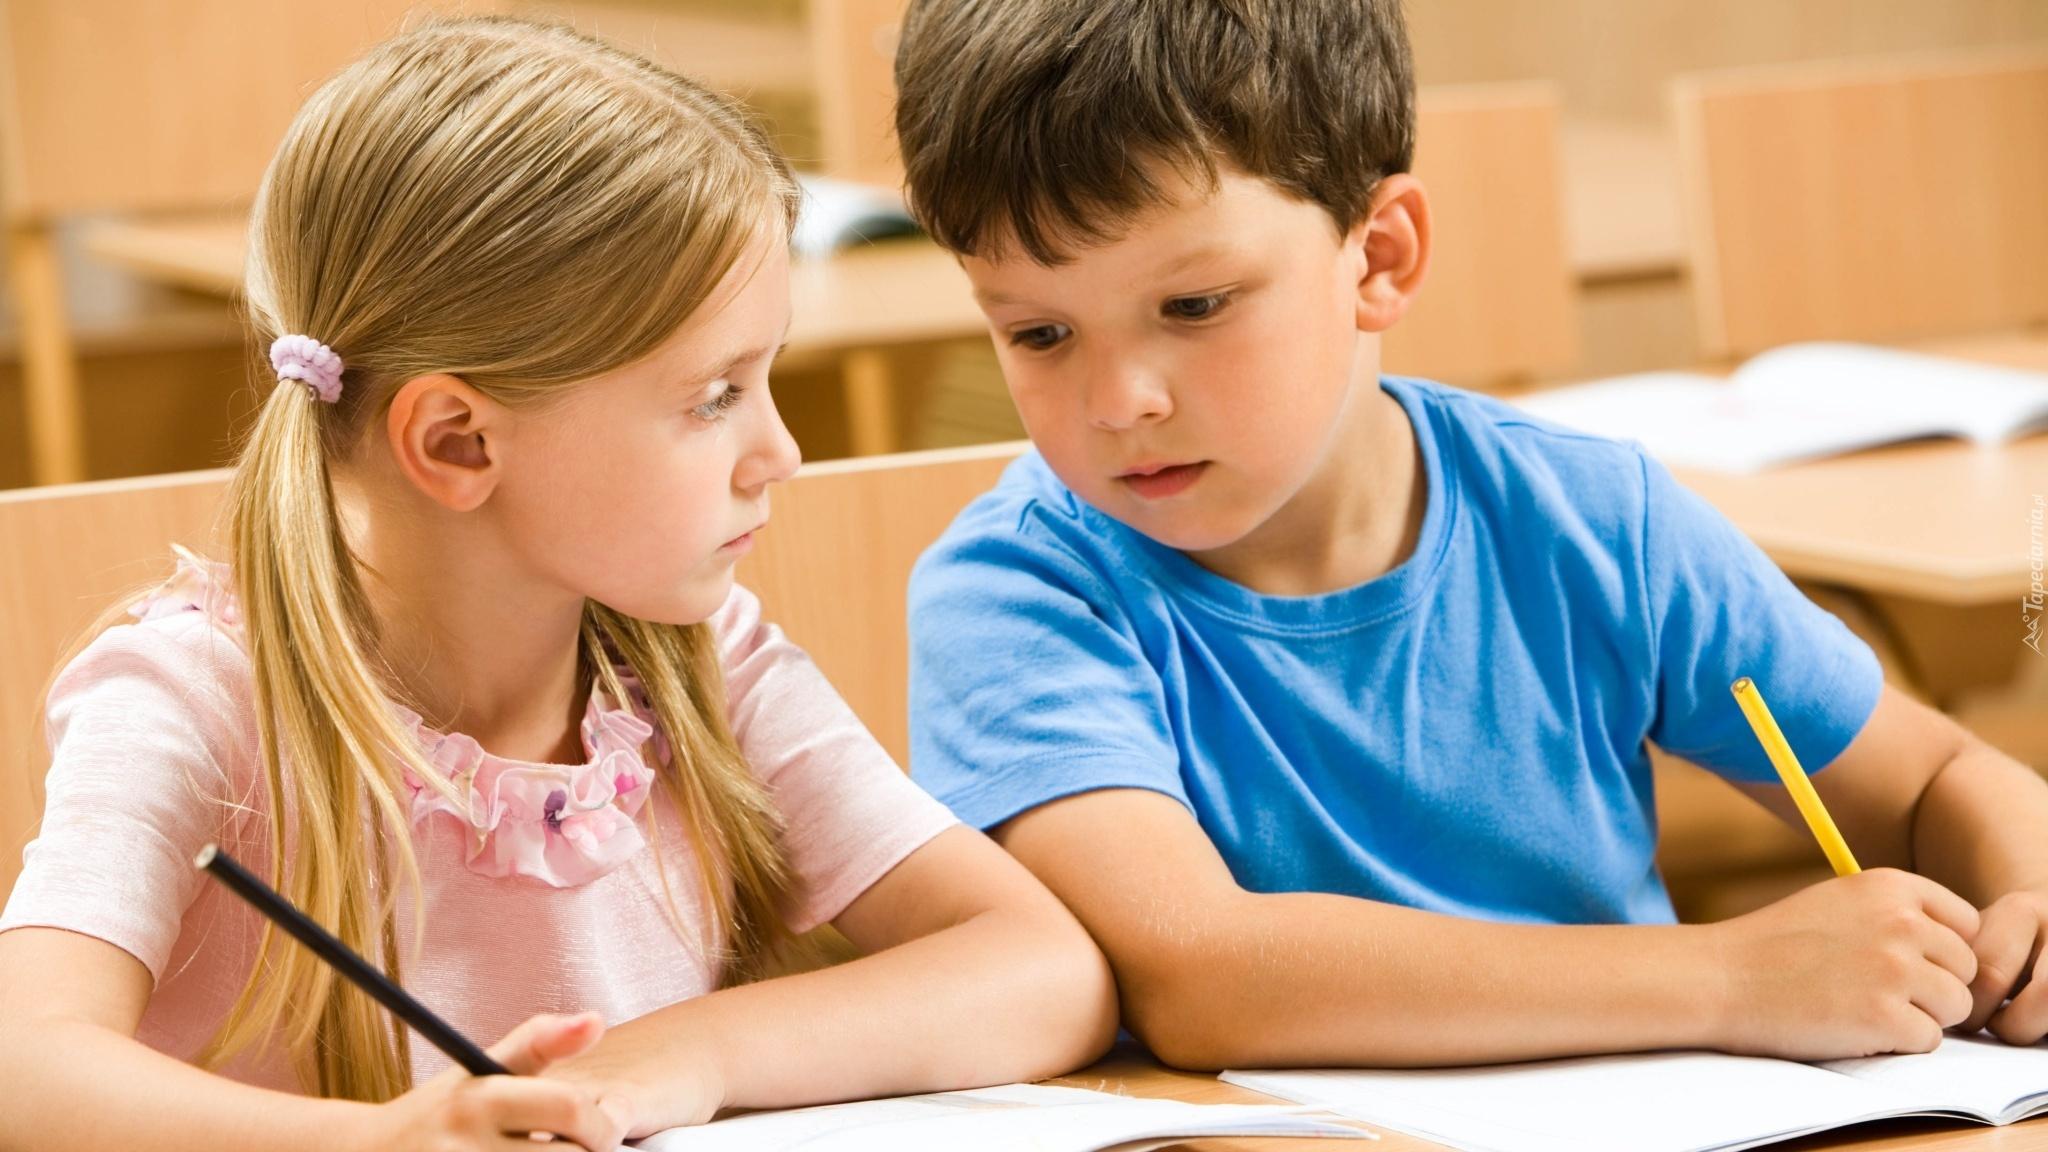 Dzieci, Chłopiec, Dziewczynka, Klasa, Ołówki, Zeszyty